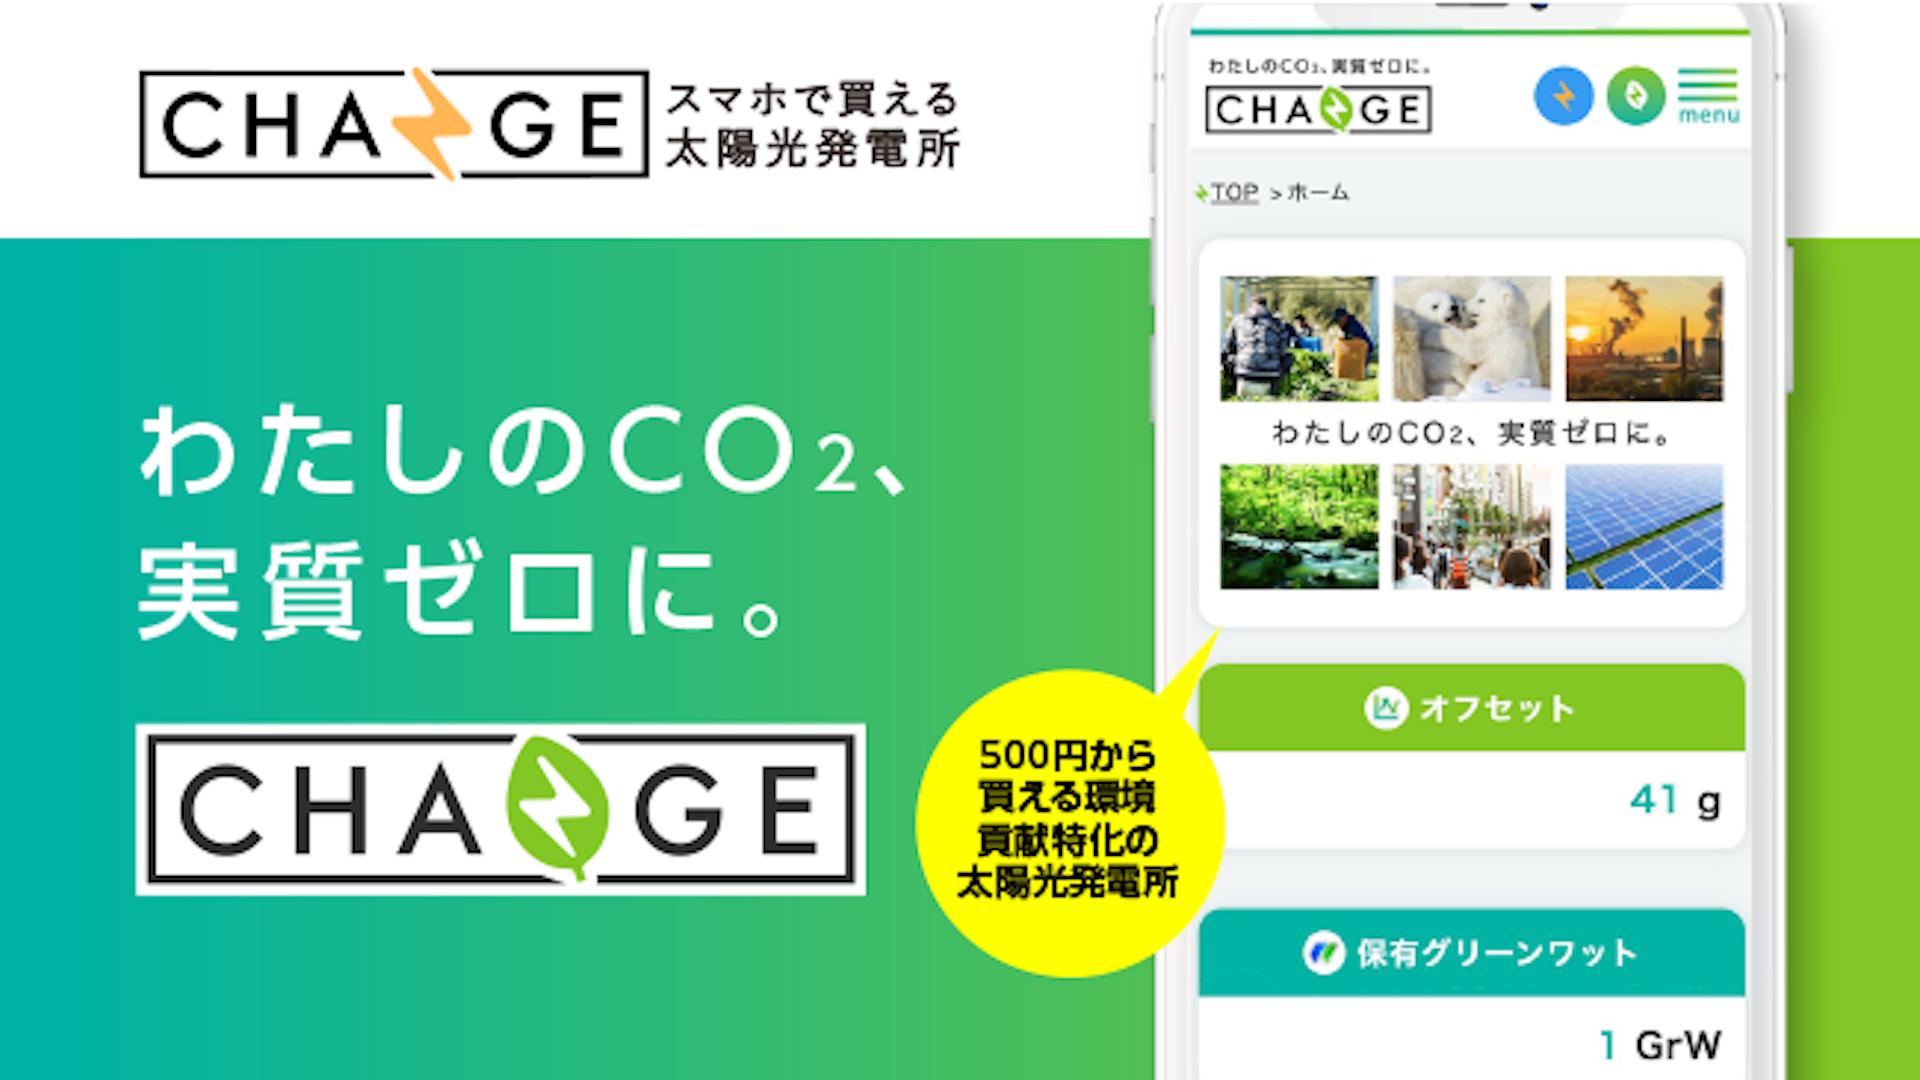 自分が排出したCO2を削減!「セルフカーボンオフセット」実現を目指した新サービス『グリーンワット』販売開始